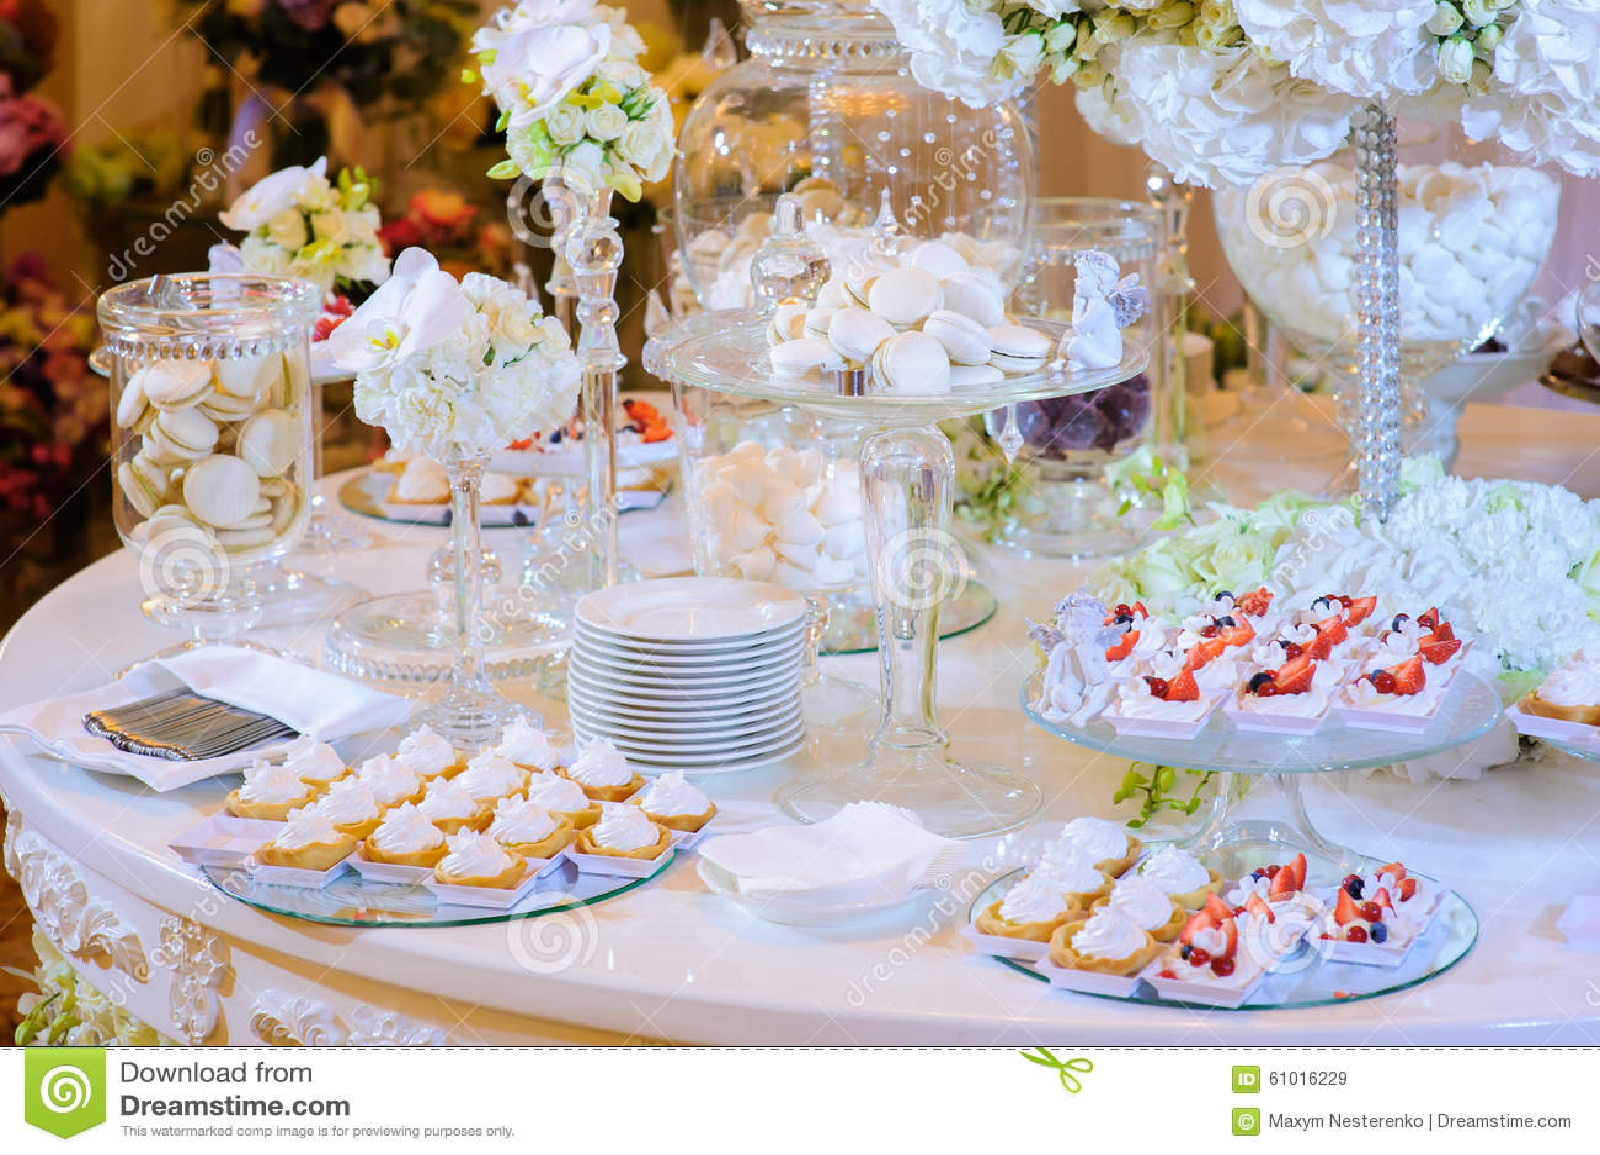 table de dessert la c r monie de mariage macaron g teau meringue image stock image du. Black Bedroom Furniture Sets. Home Design Ideas